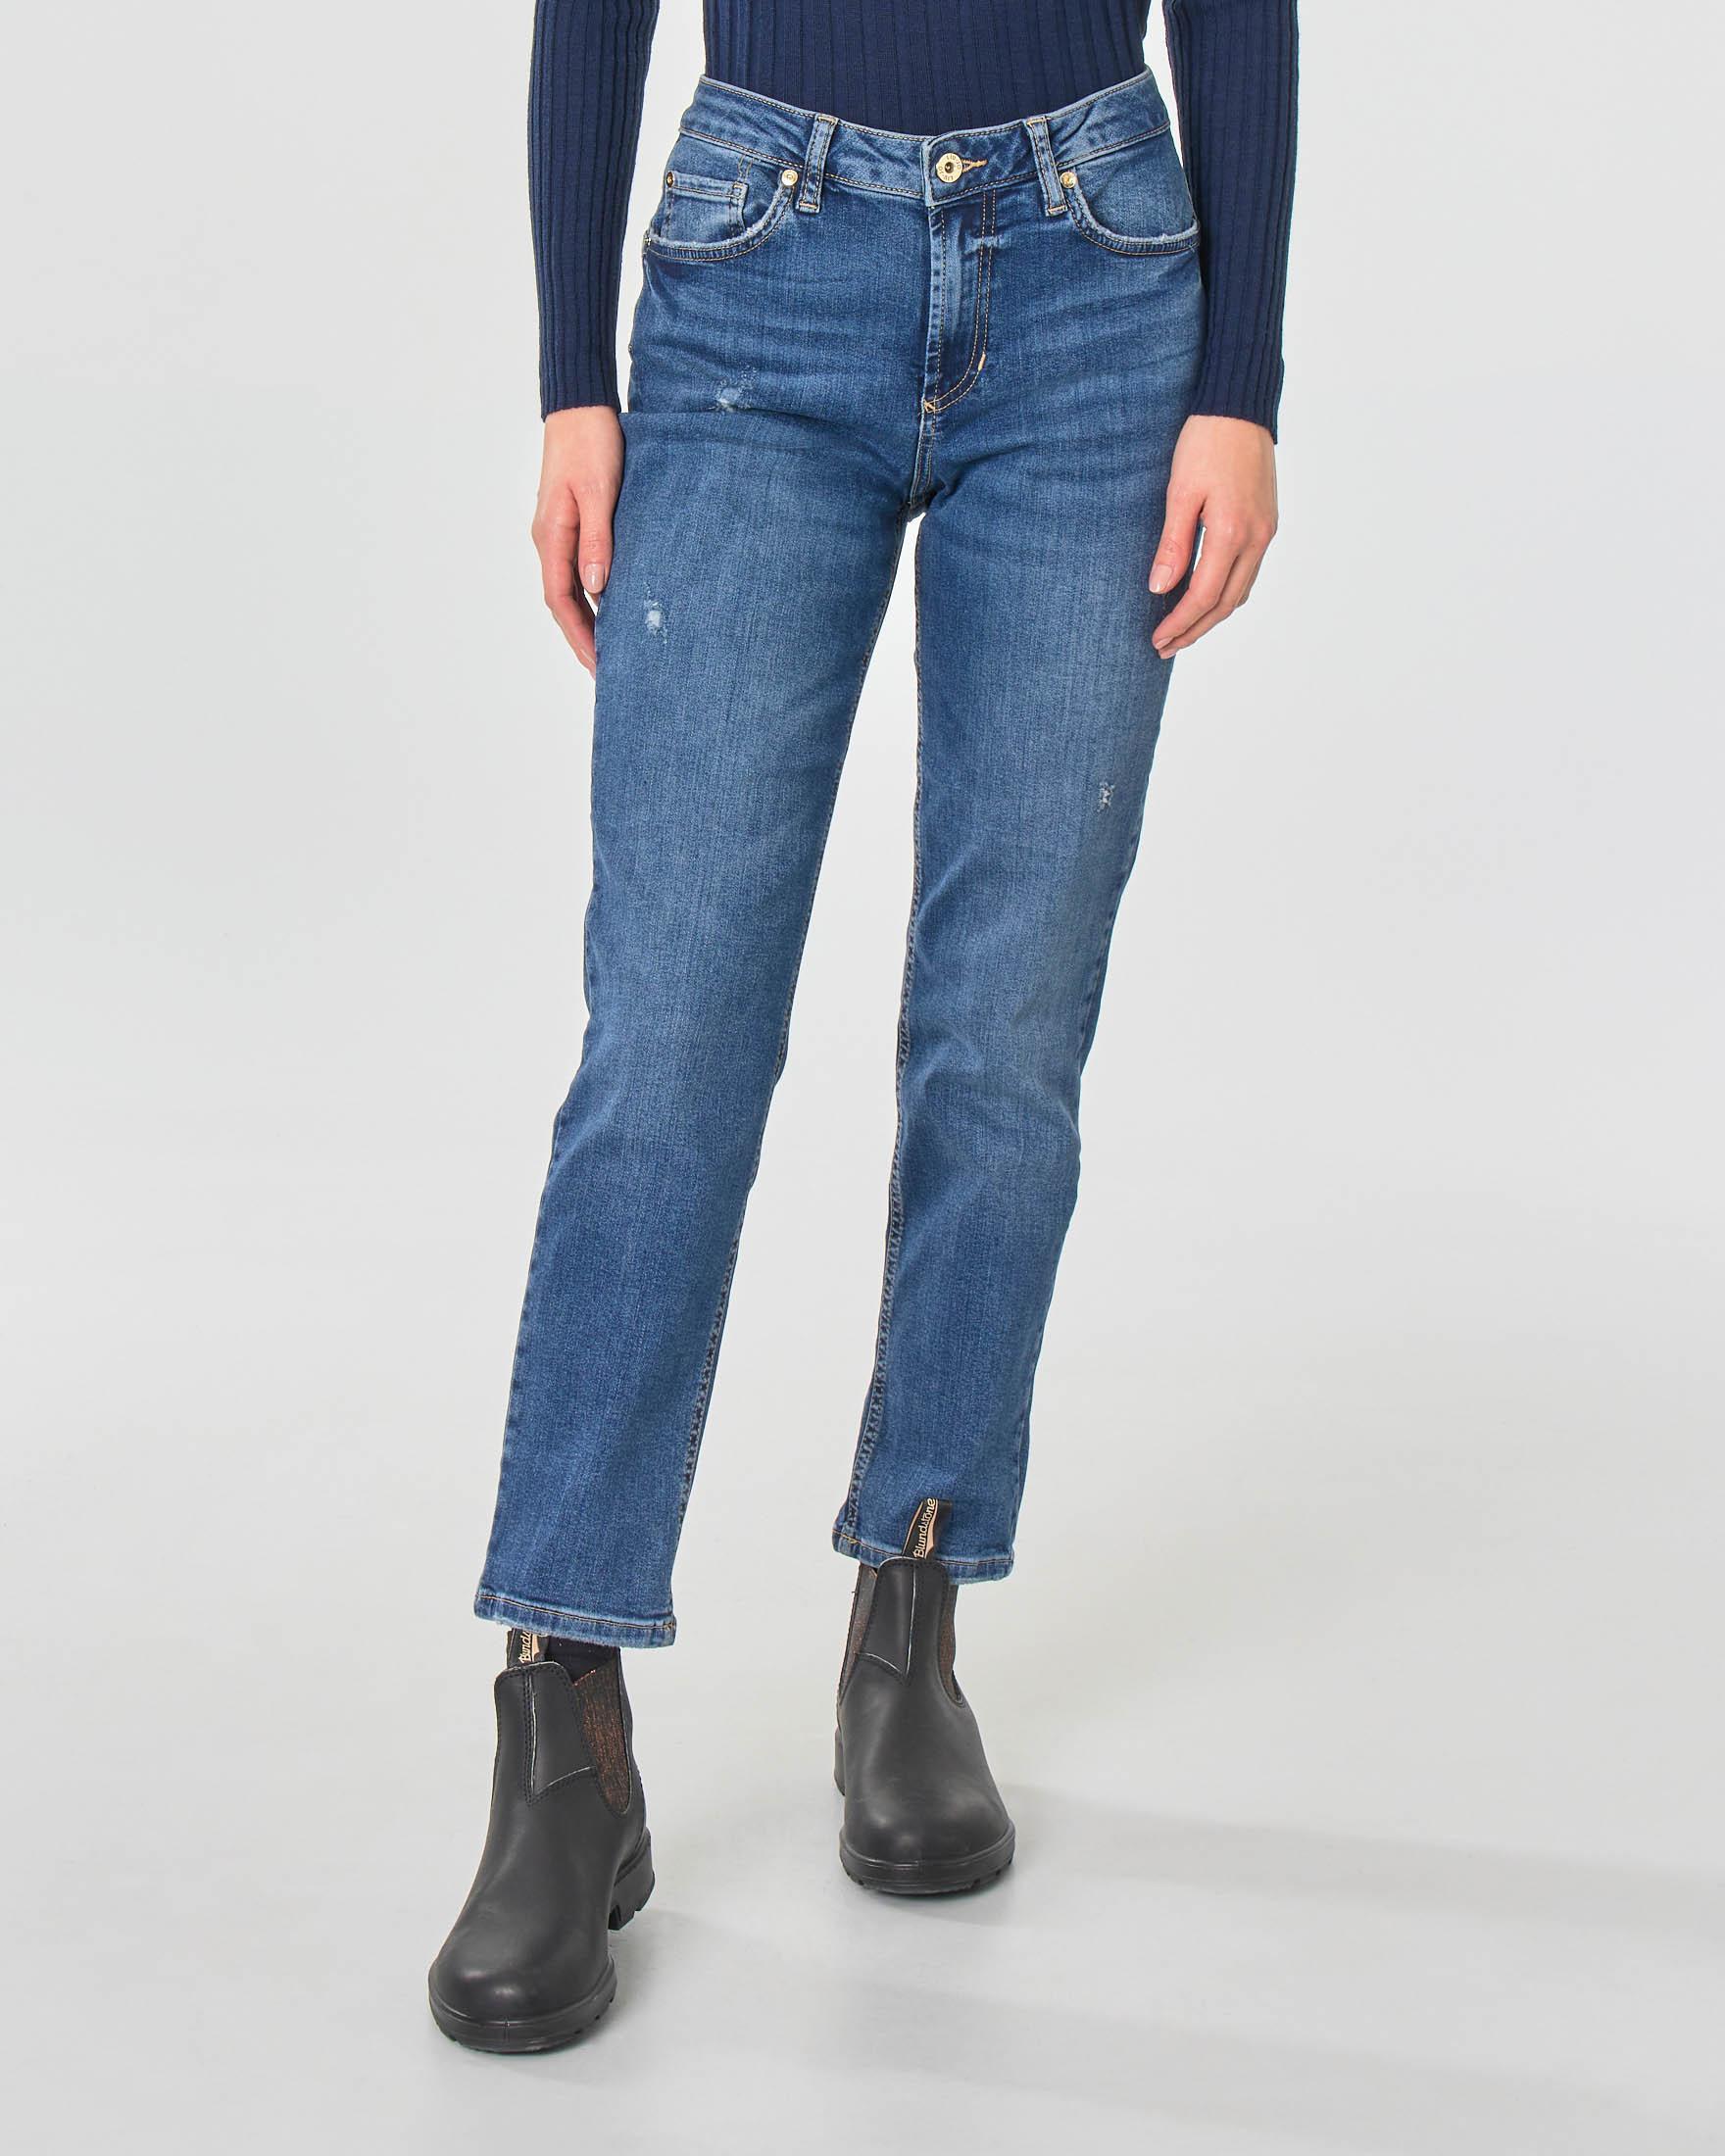 5 molo Jeans//SLIM//Blu//Nuovo UVP 39,95//605,485,206,s TS